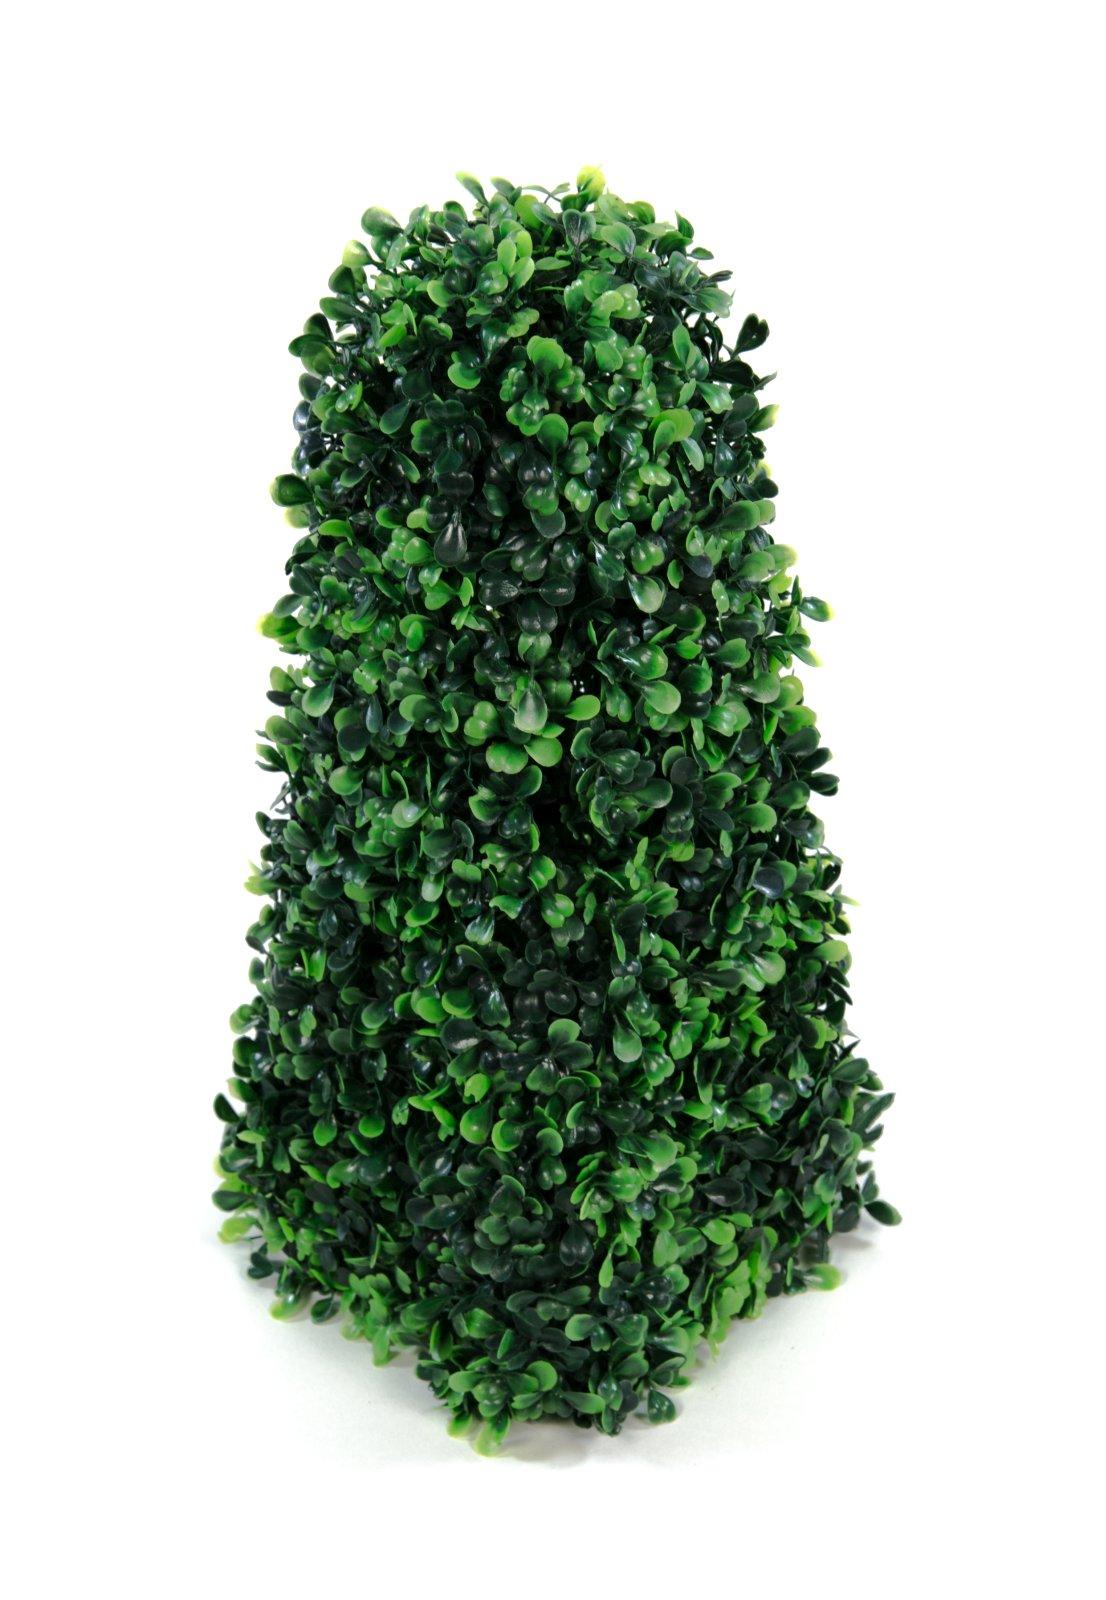 2 st ck buchspyramide 35cm k nstliche buchsbaumpyramide pflanzen kunstpflanzen ebay. Black Bedroom Furniture Sets. Home Design Ideas